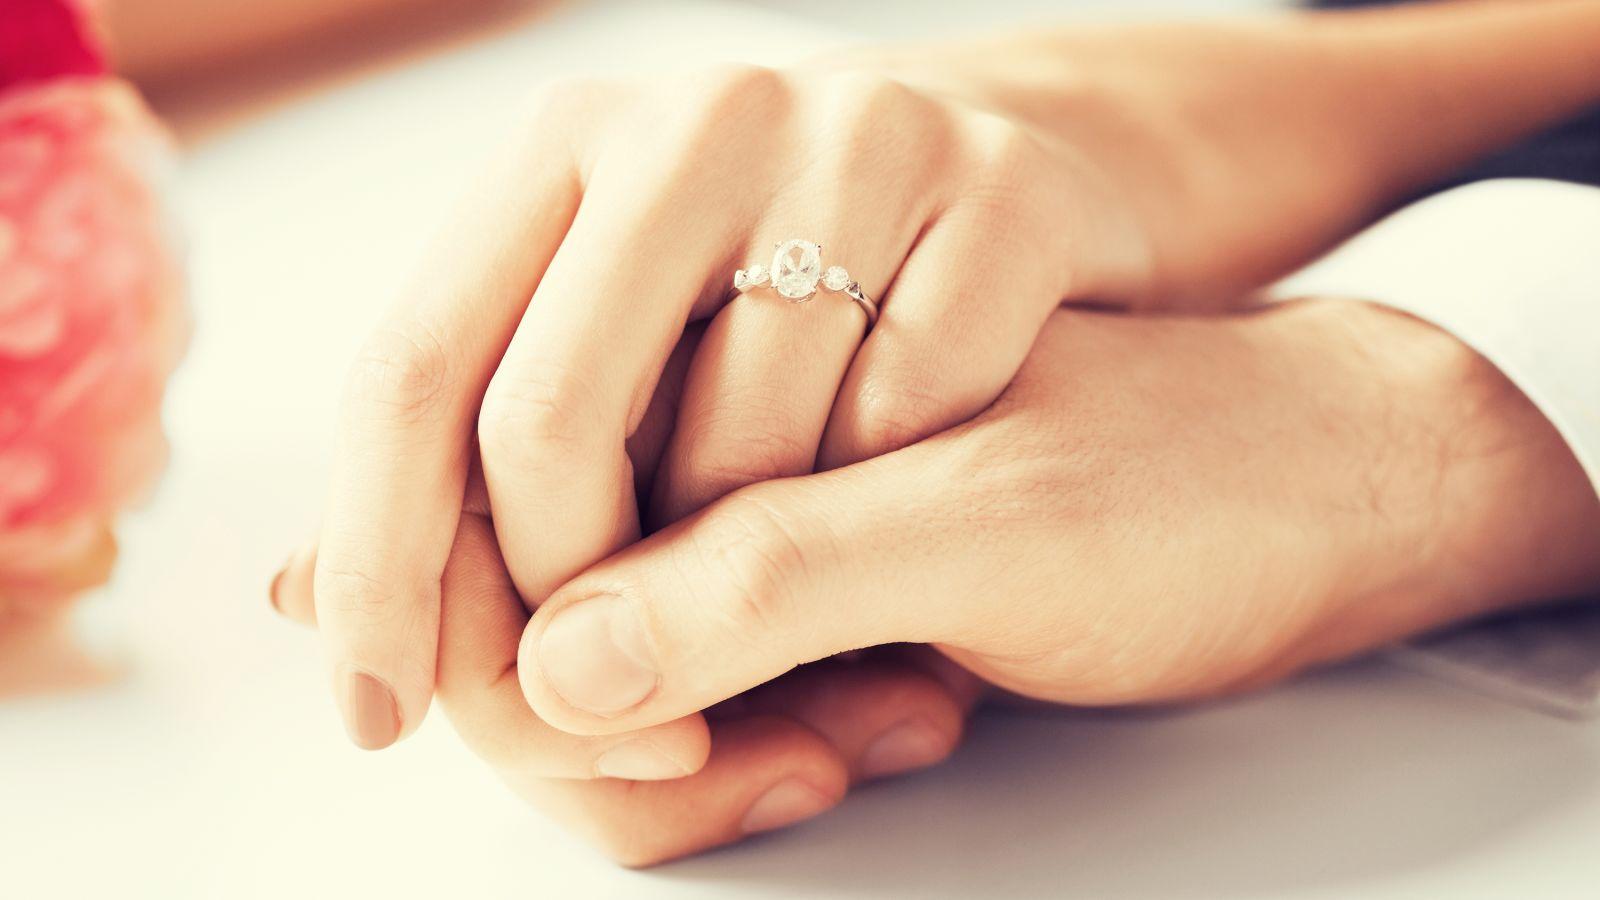 صورة كيف تعرف انك تحب , طرق اختبار اذا كنت وقعت فى الحب